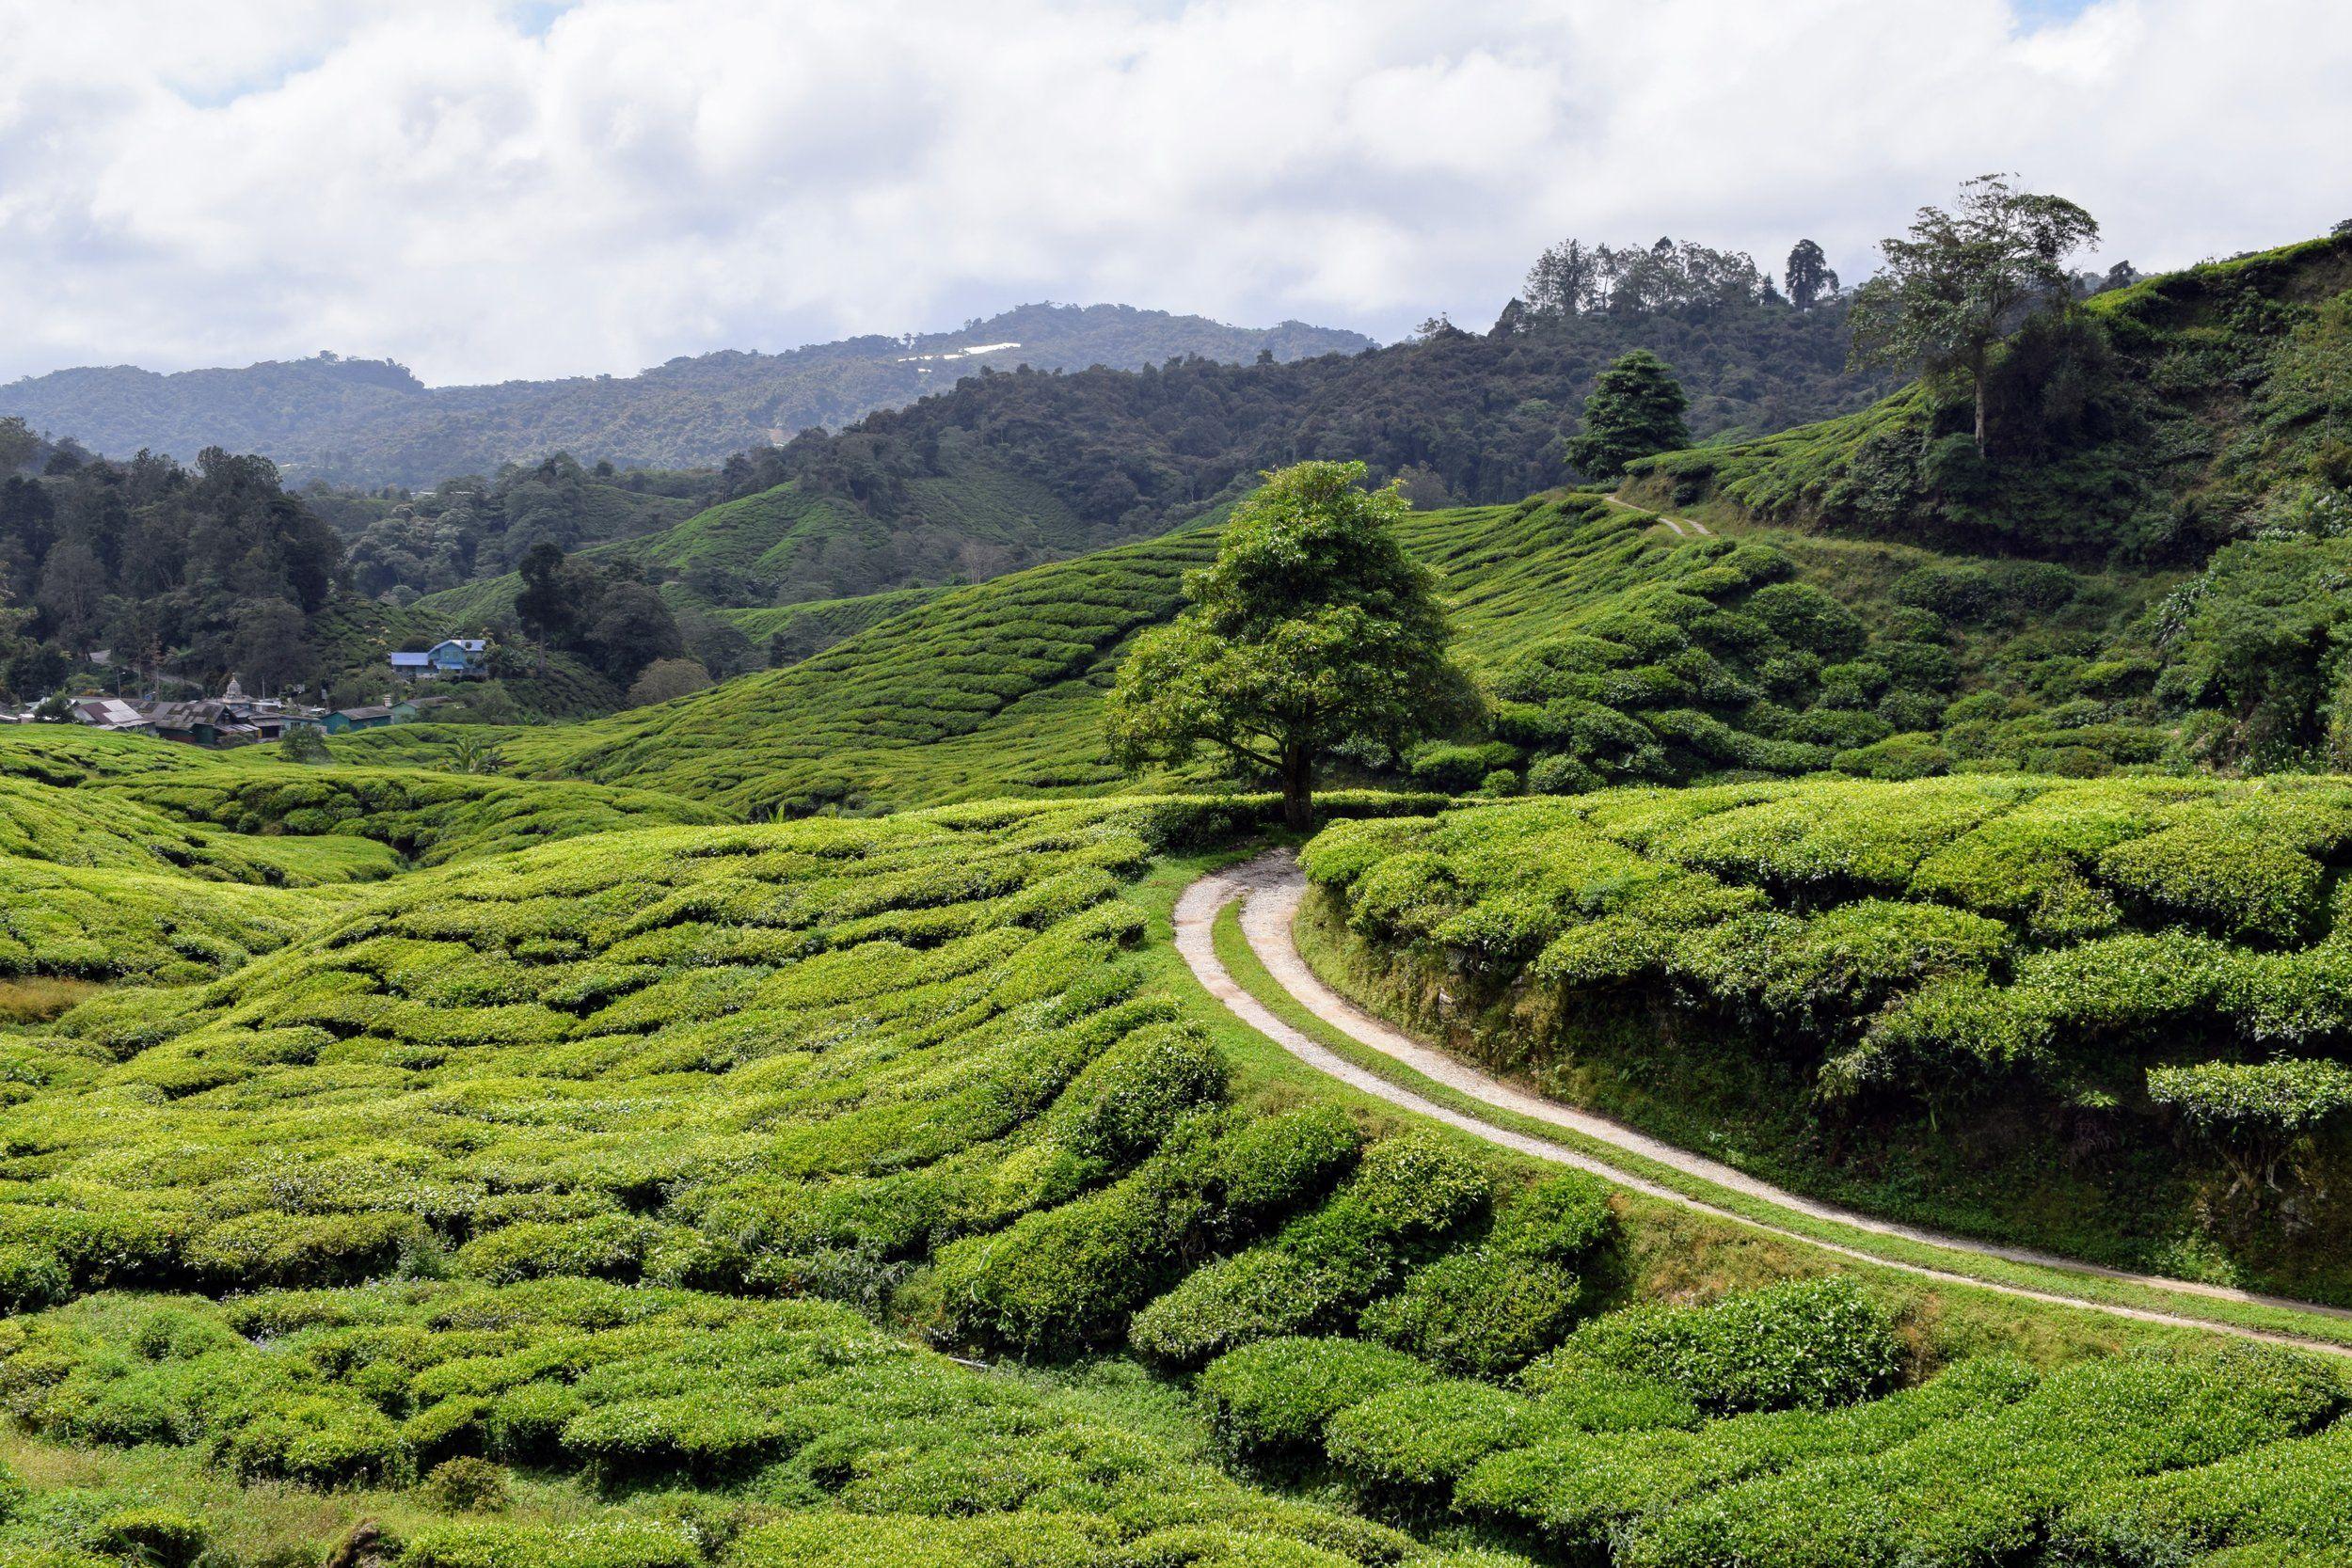 Two Days In Malaysia's Tea Country Malaysia resorts, Tea